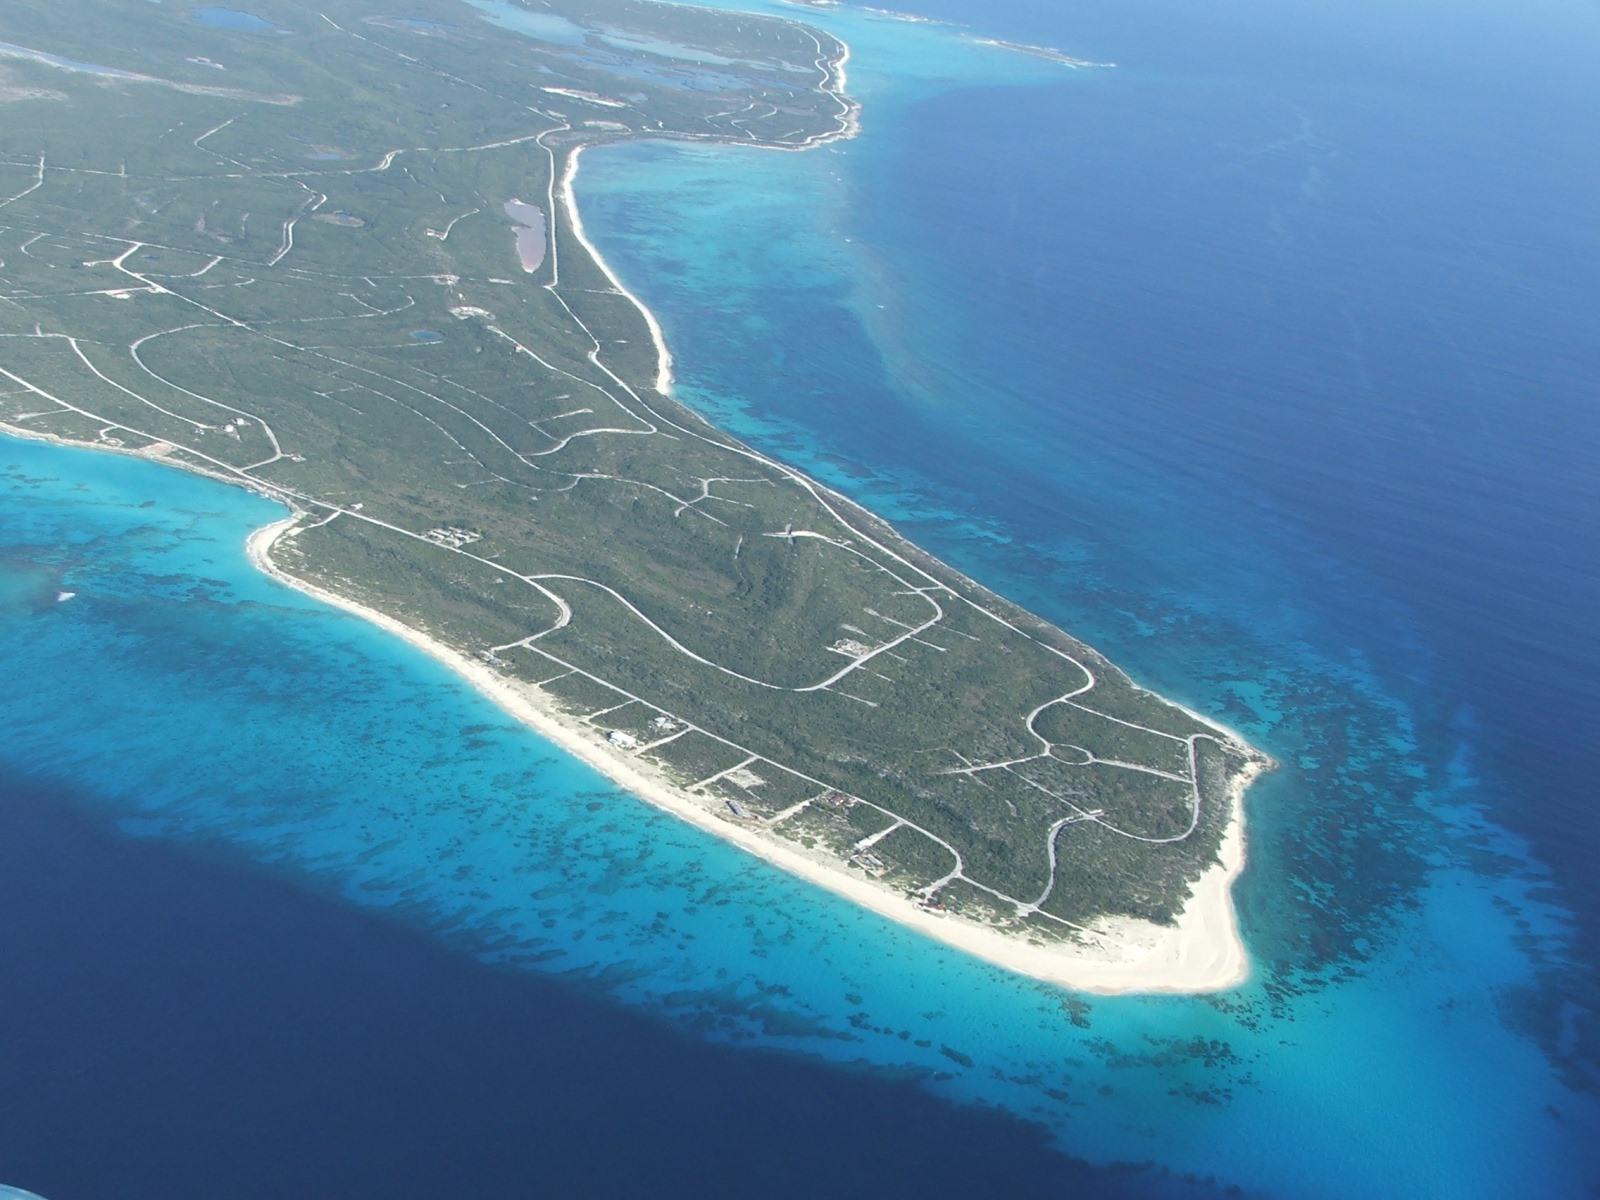 Land for Sale at Columbus Landings #1, San Salvador Lot - MLS #29558 Columbus Landings, San Salvador, Bahamas